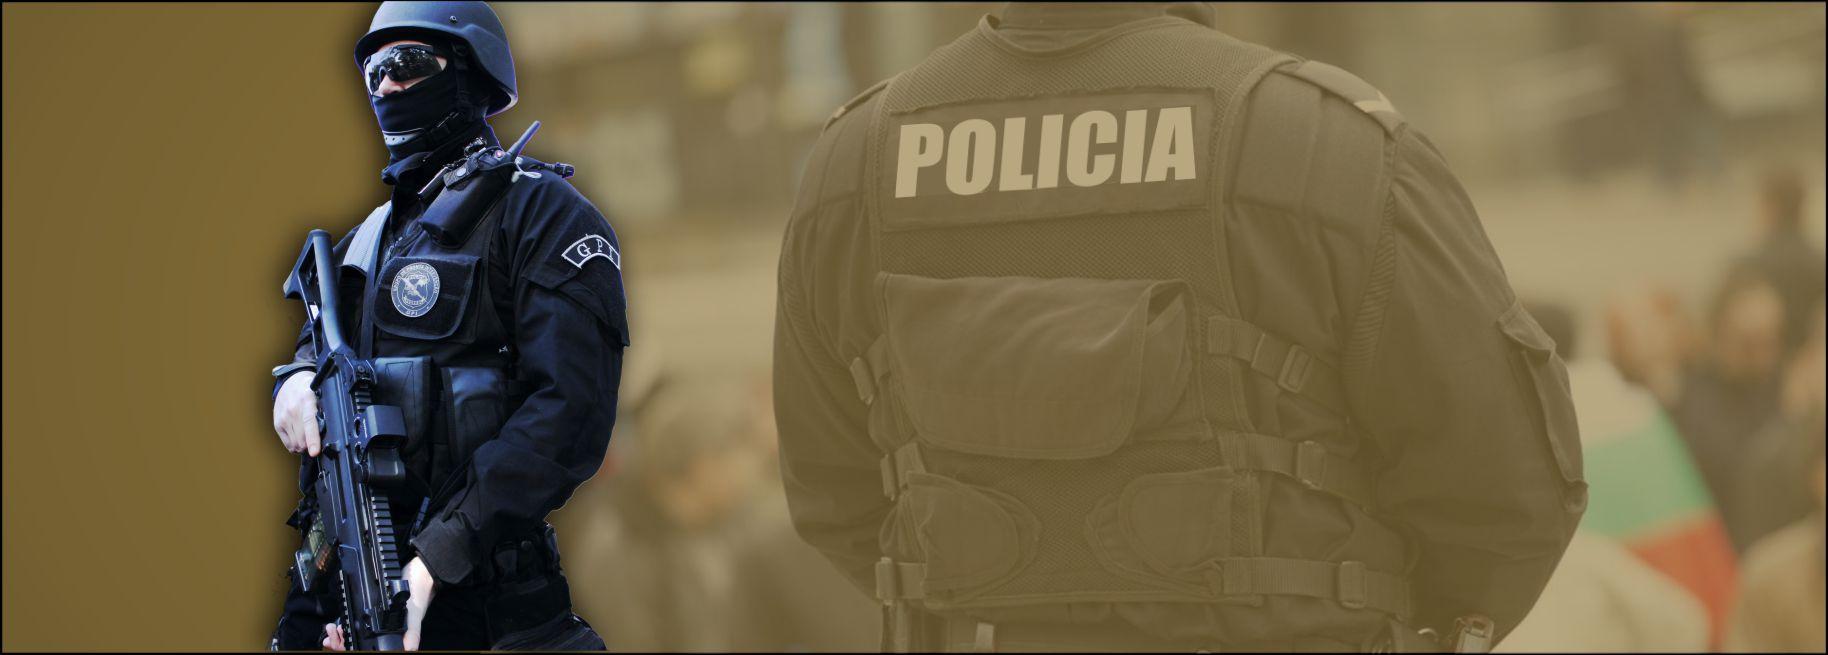 Banner Policiais Filie-se